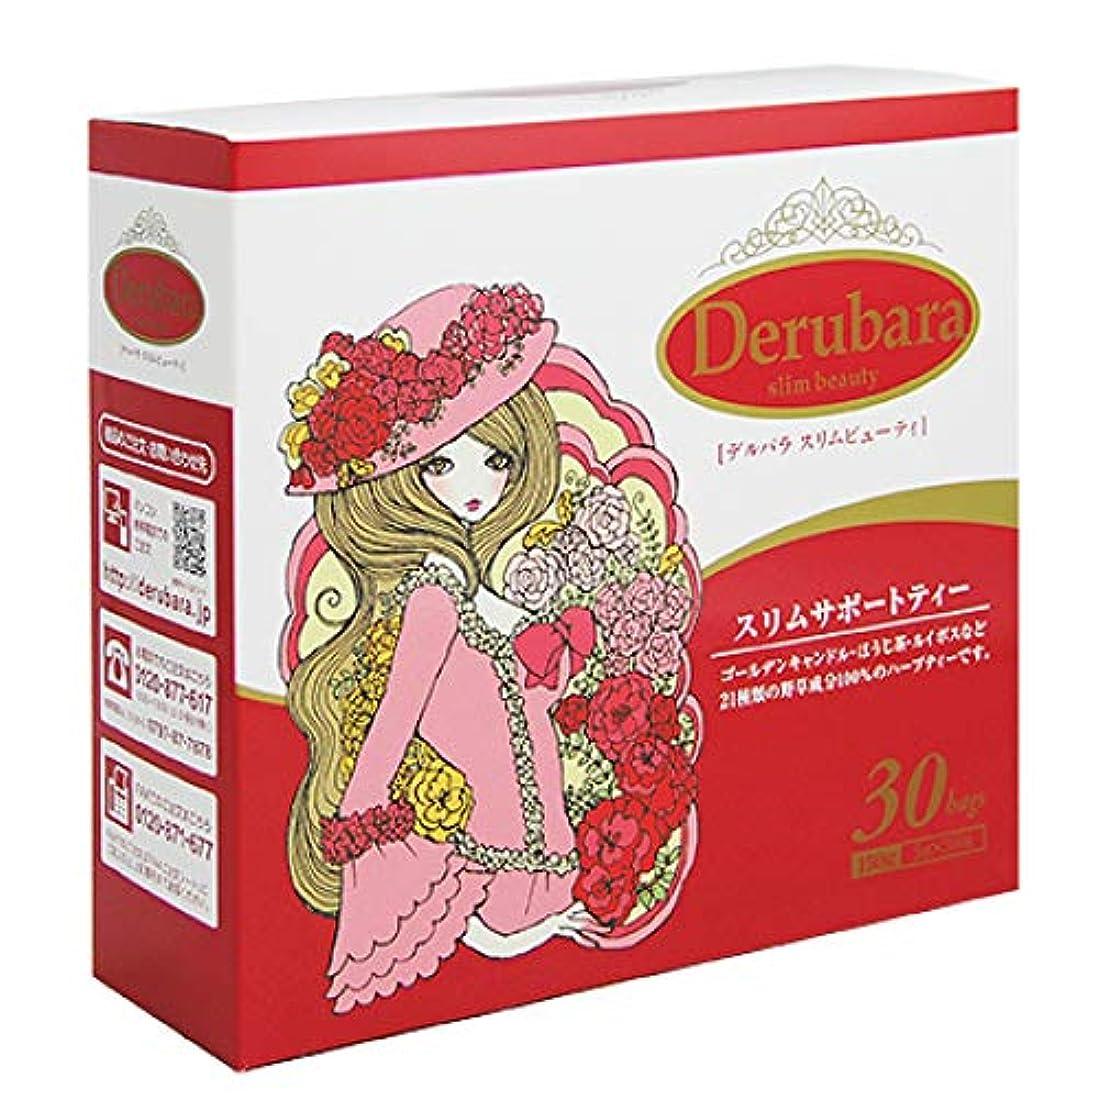 メロドラマ穴狂うデルバラスリムビューティ 2箱セット (1包5g×30包入)×2箱 朝スッキリ! キャンドルブッシュ お茶